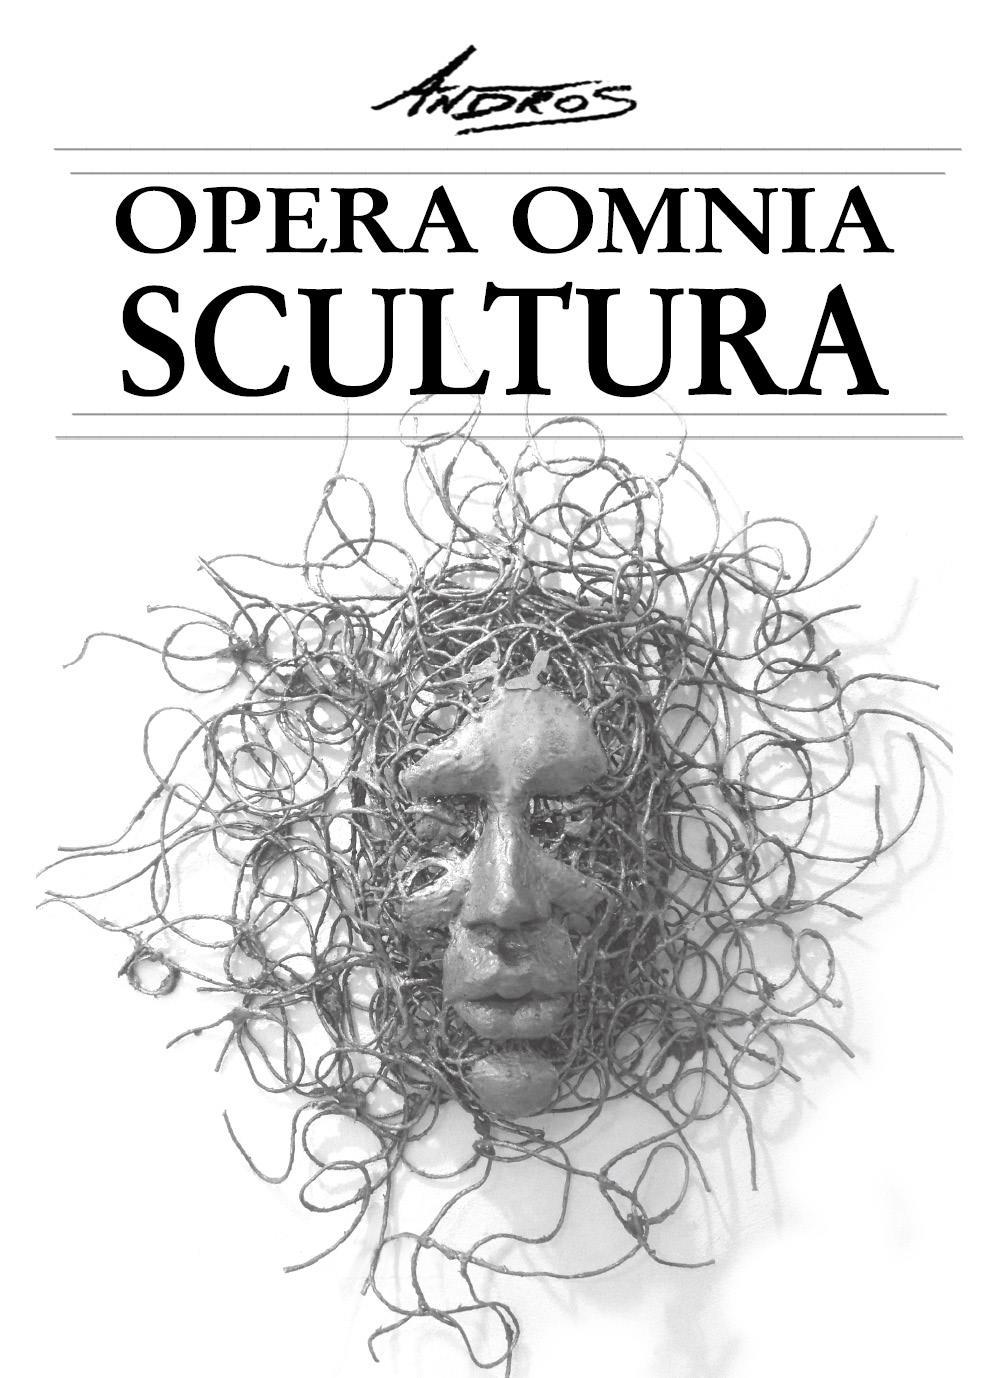 Opera Omnia - Scultura